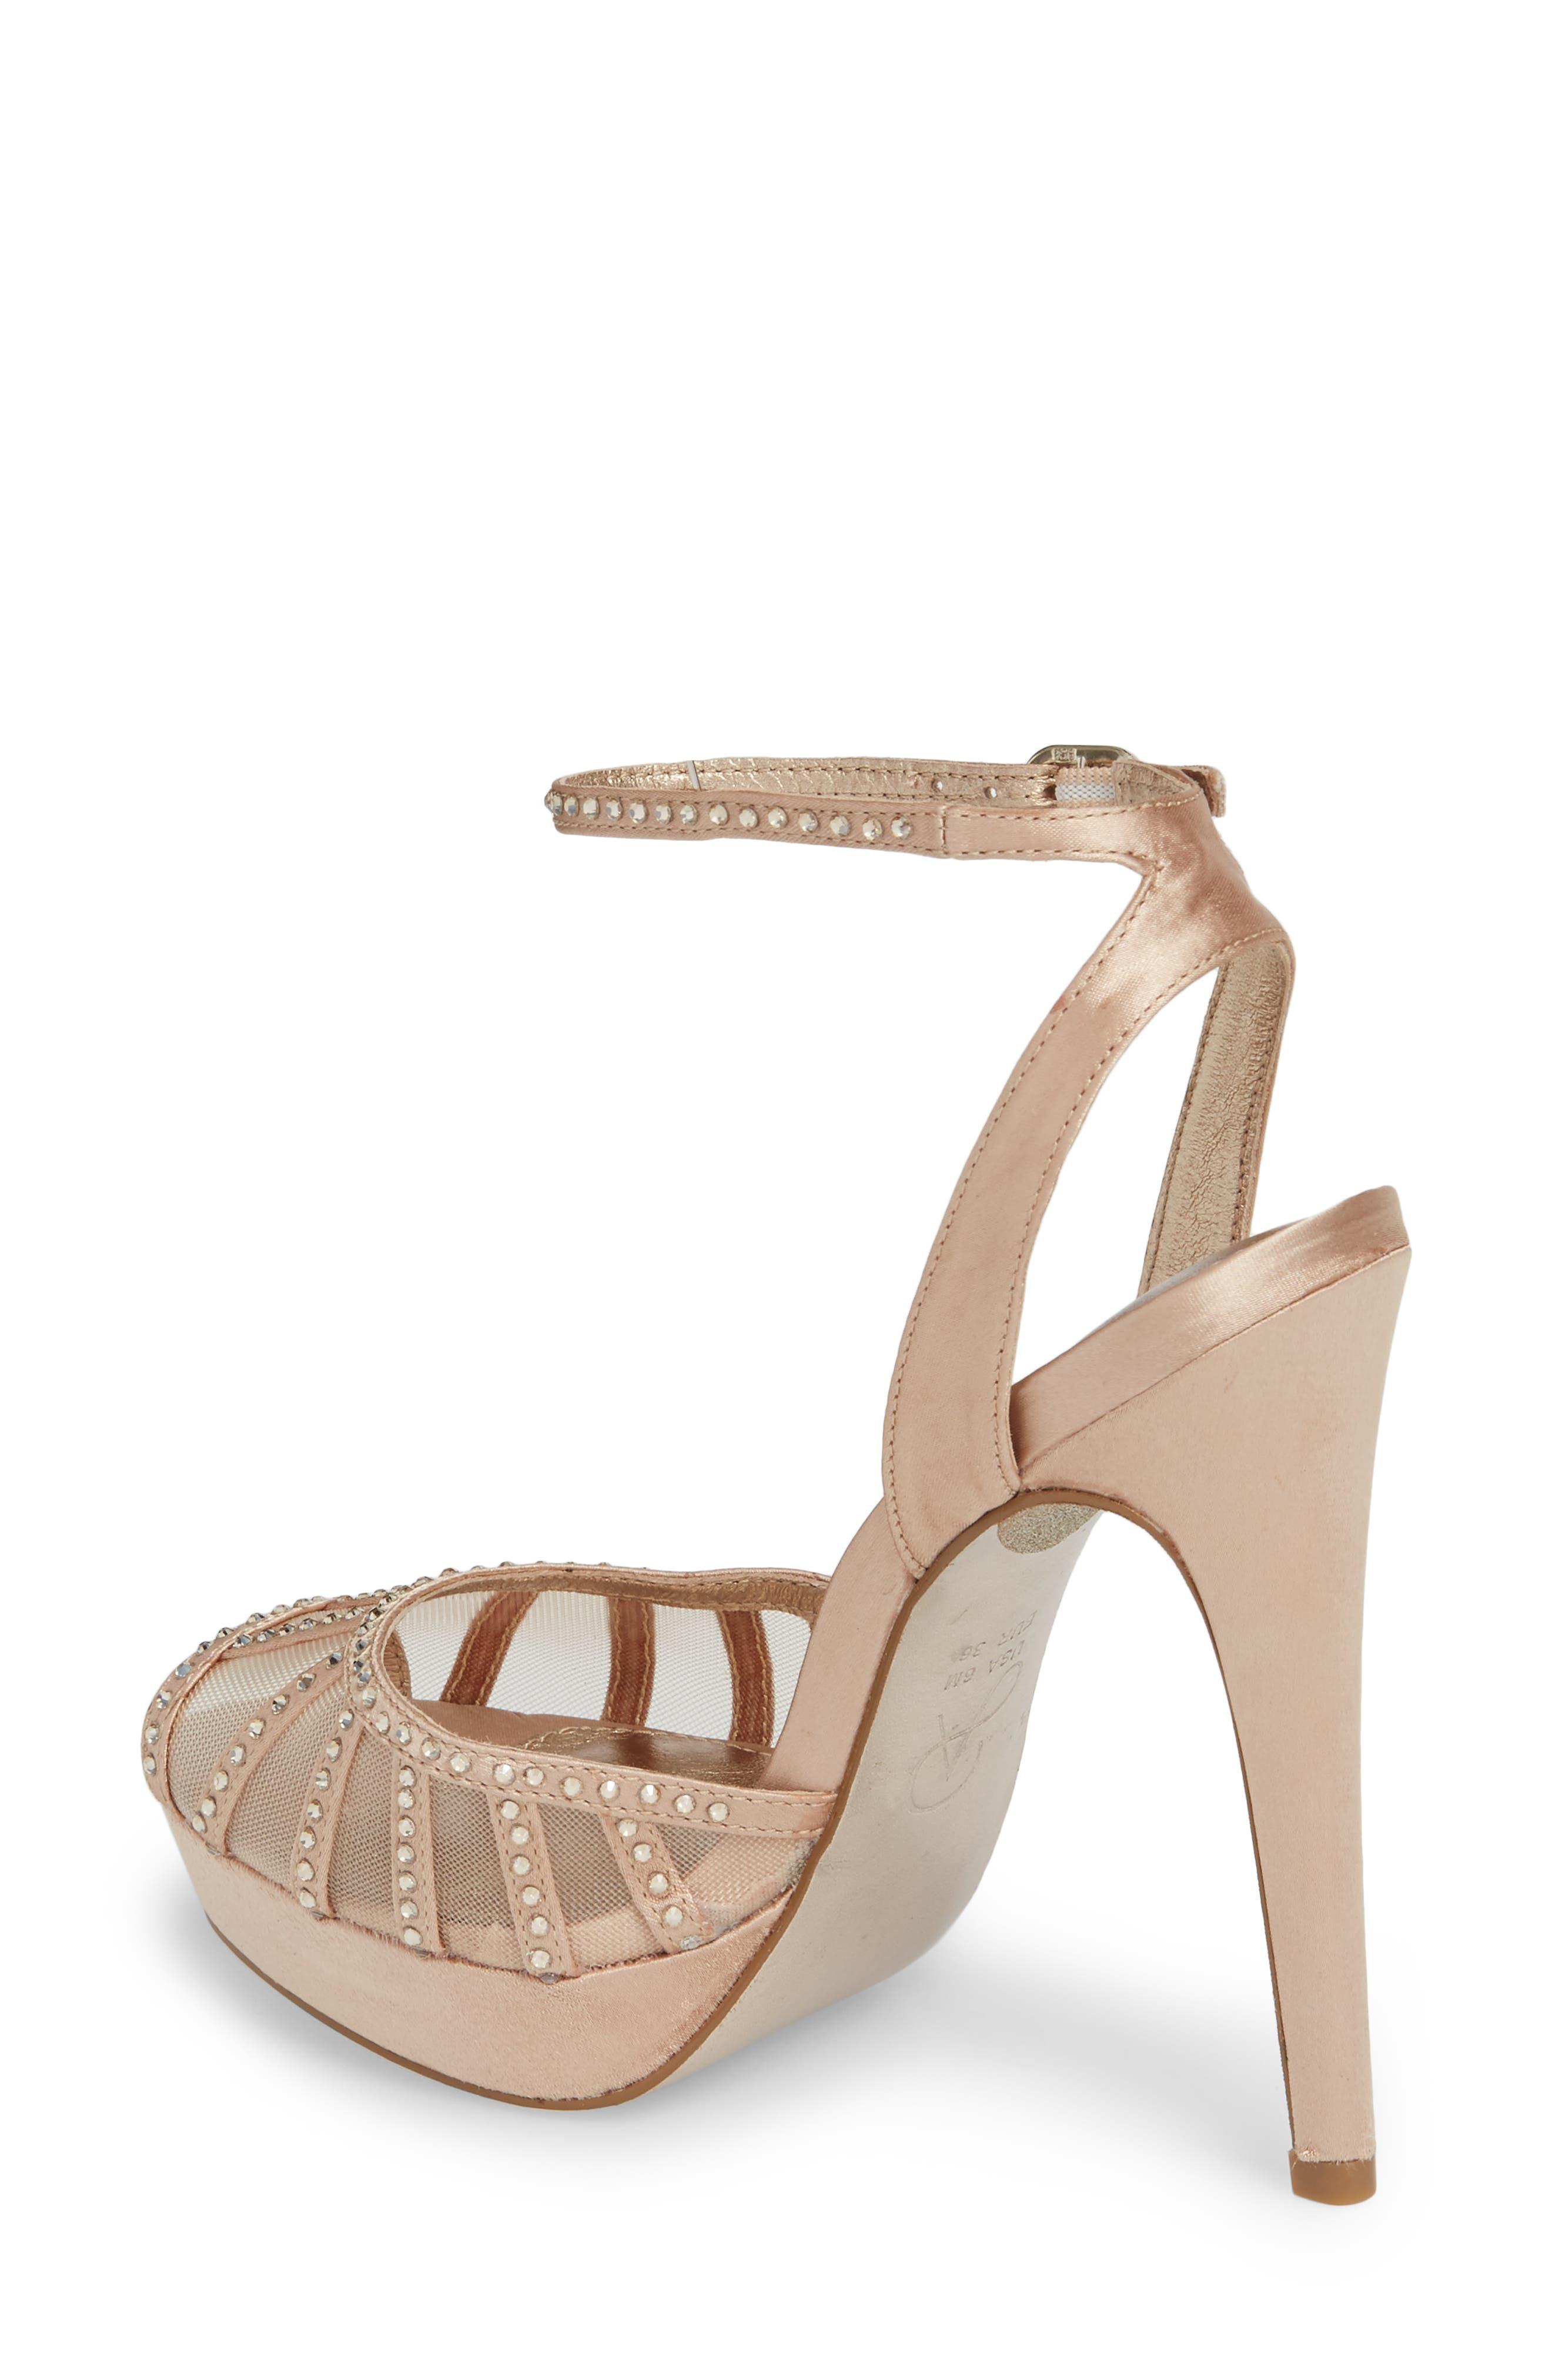 Simone Crystal Embellished Platform Sandal,                             Alternate thumbnail 7, color,